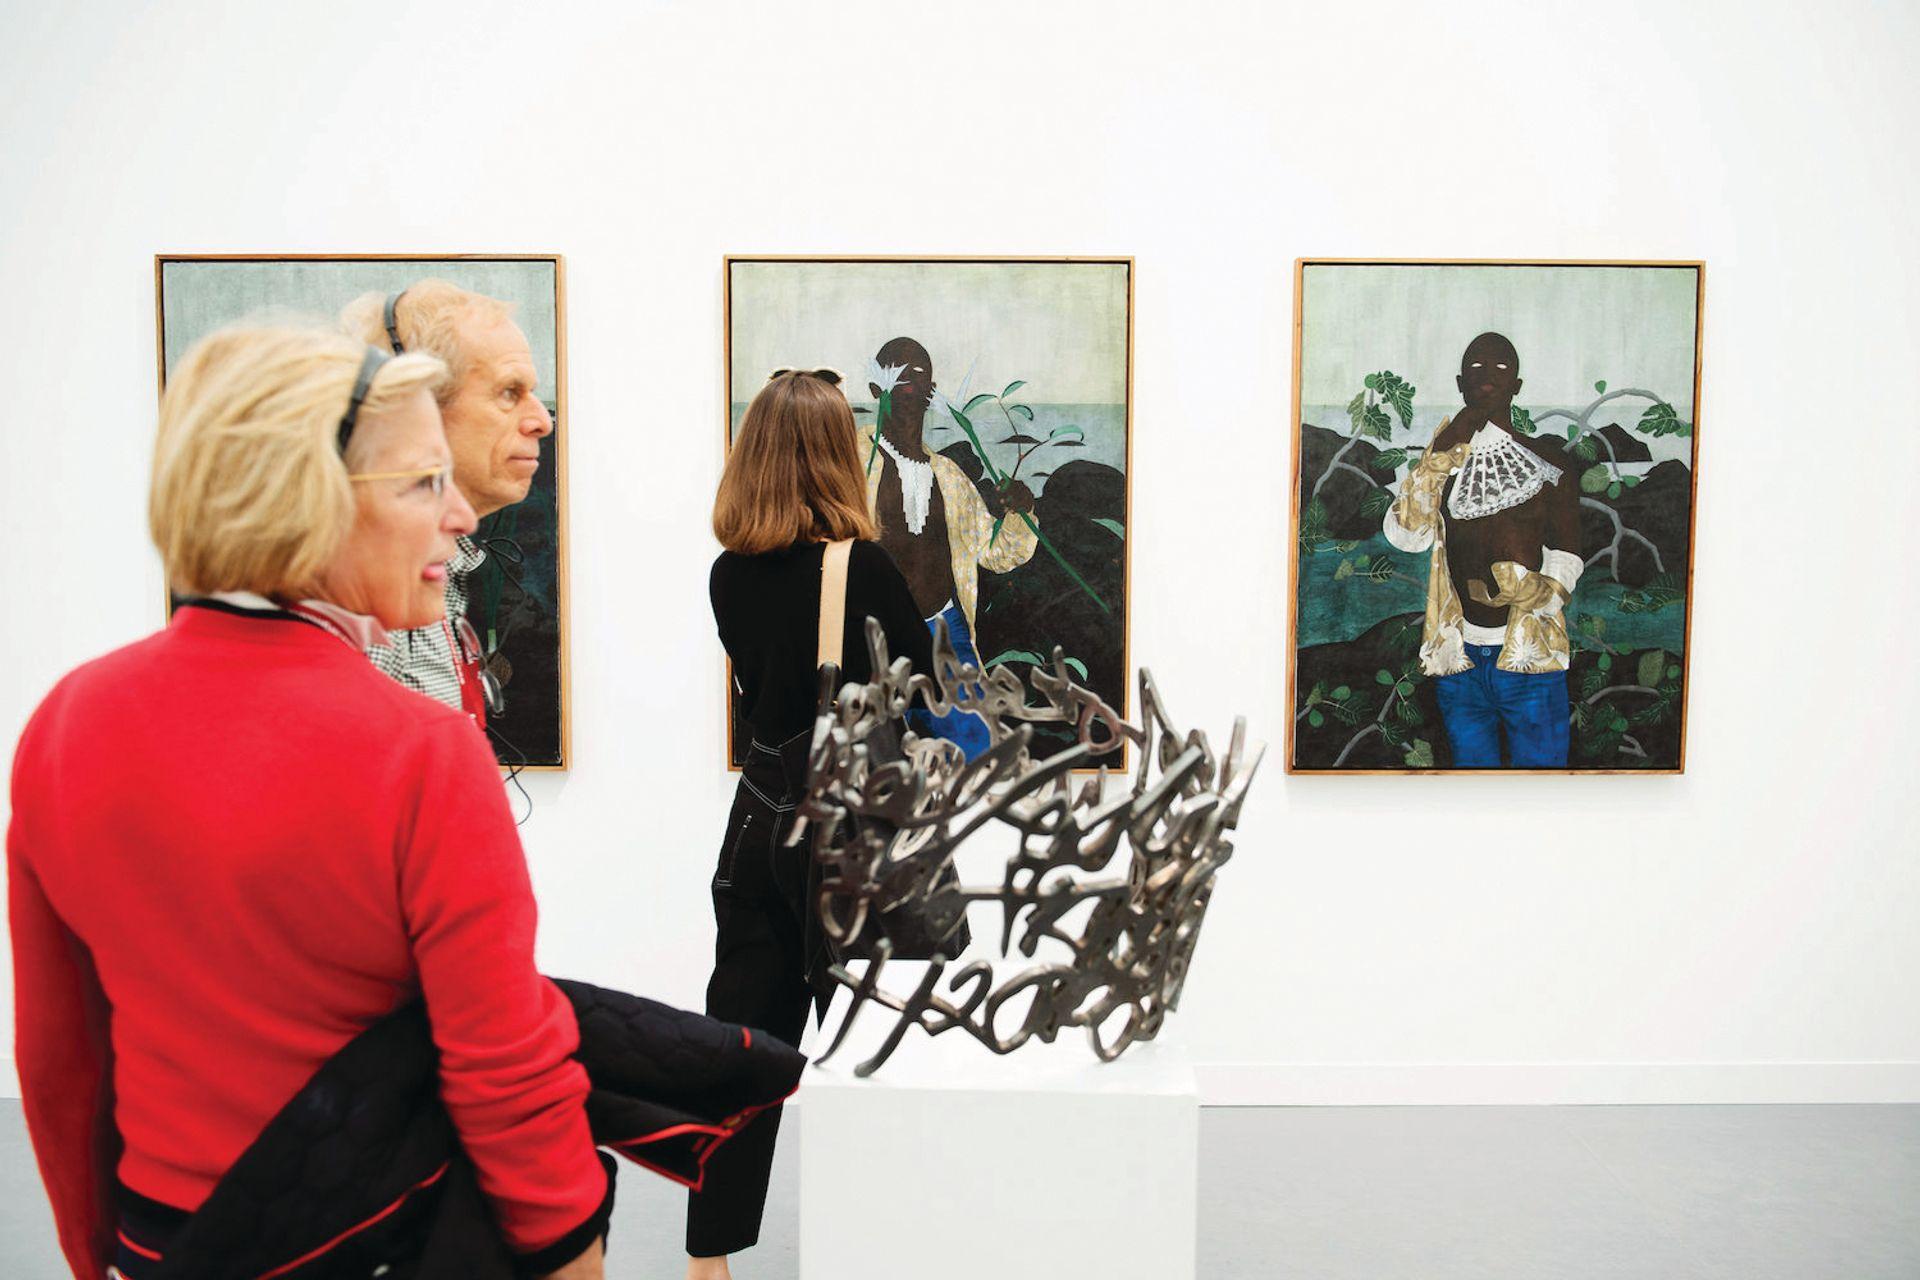 The art world remains predominantly white Courtesy of Linda Nylind/Frieze